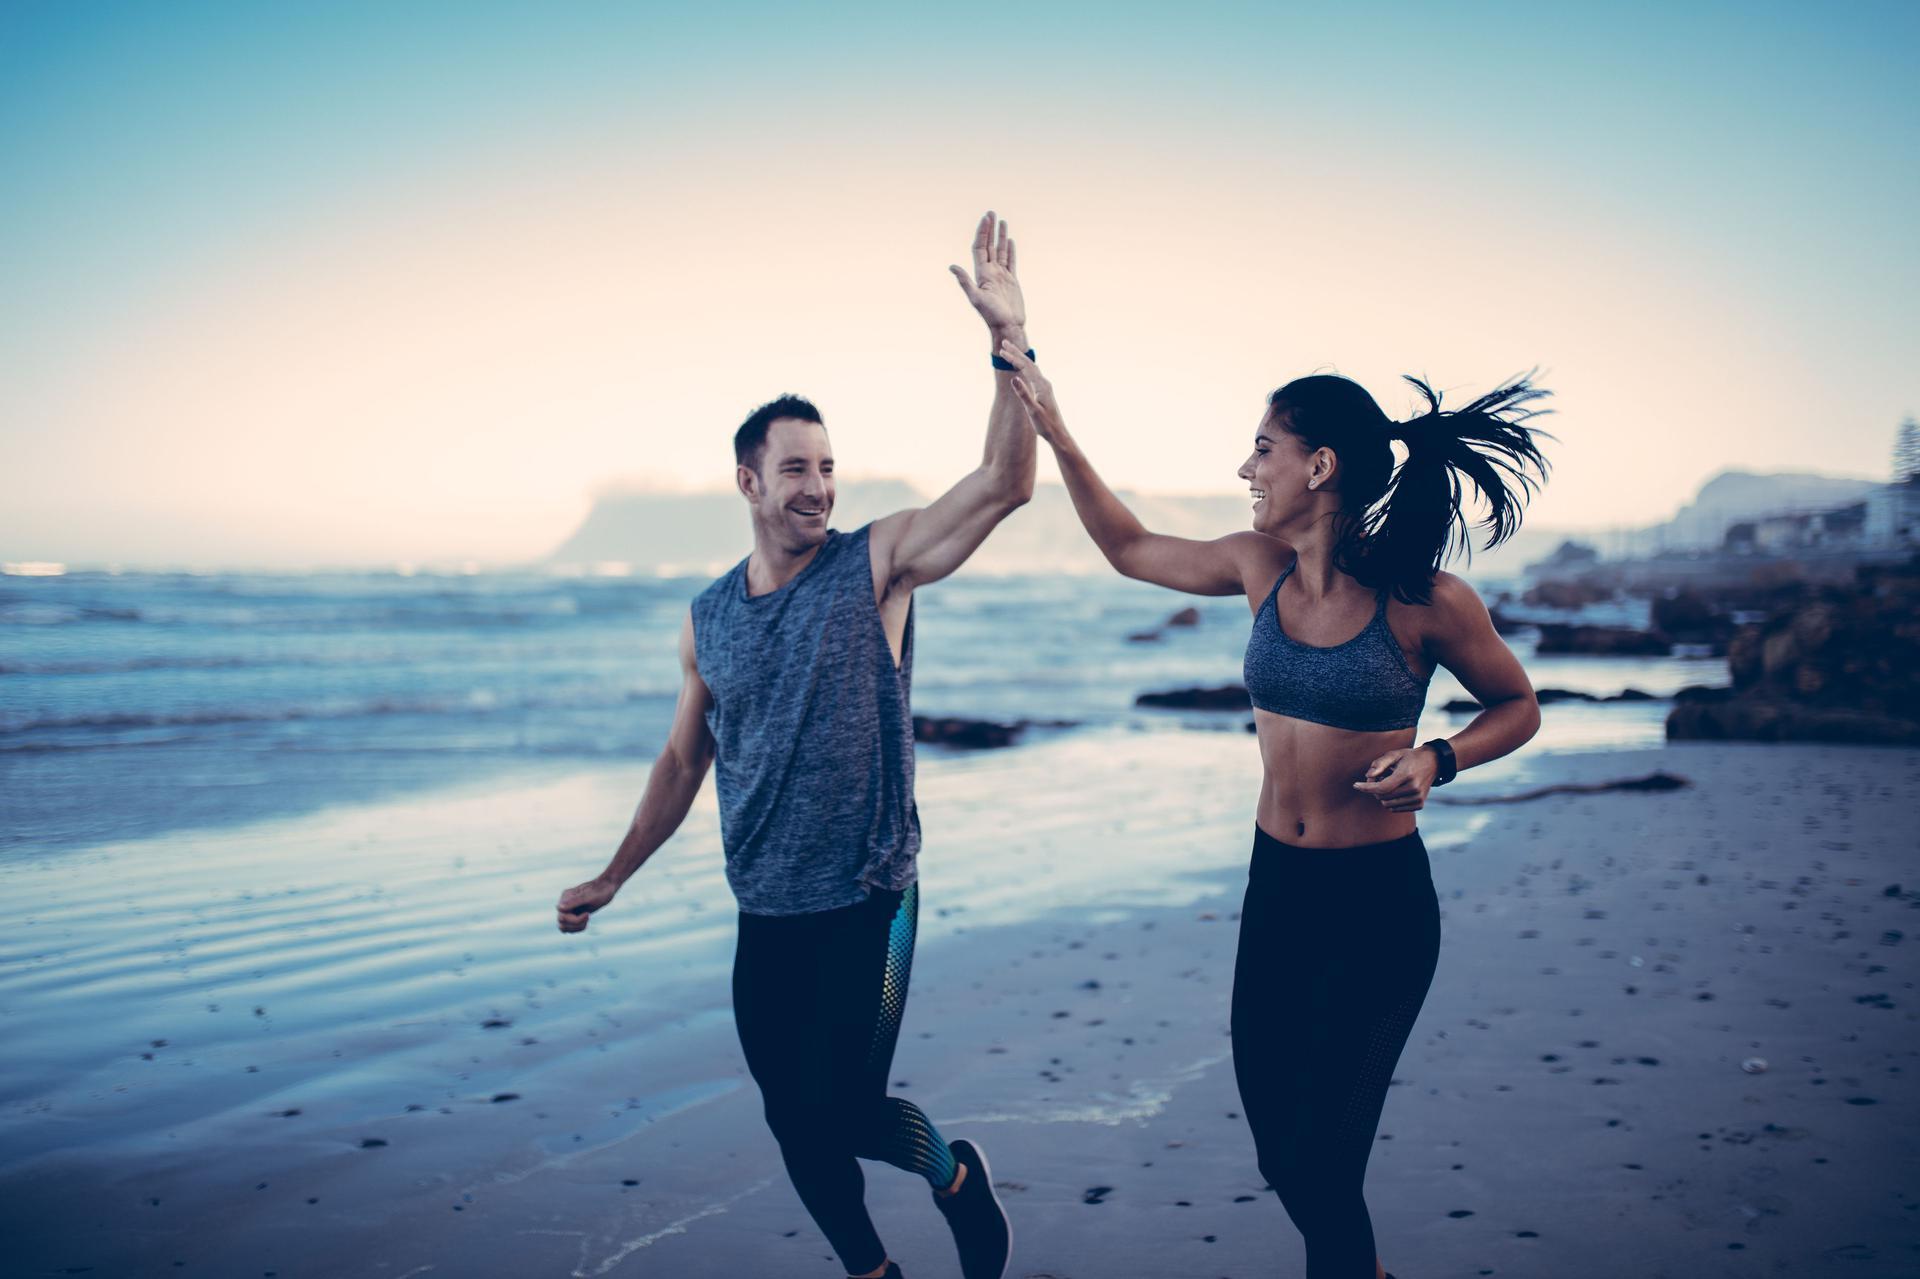 4a75ff11 Suplementy dla biegaczy. Jakie suplementy diety przyjmować przed i po  bieganiu? - WFormie24.pl